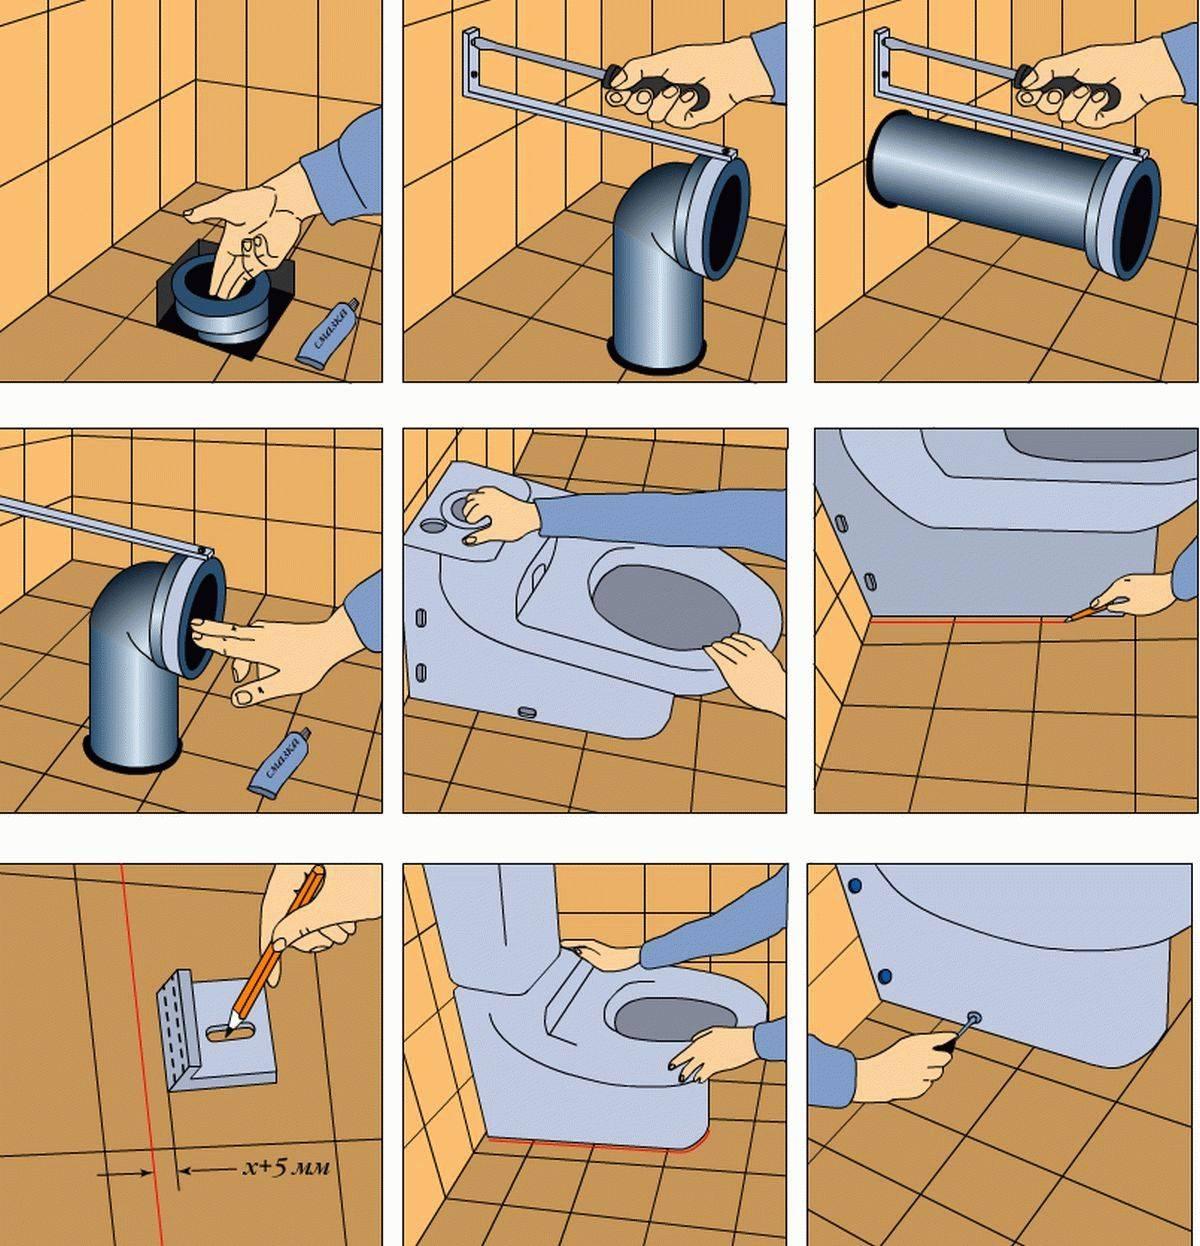 Унитаз повернут боком удобно ли. перенос унитаза от стояка на другое место: когда дизайн важнее всего остального